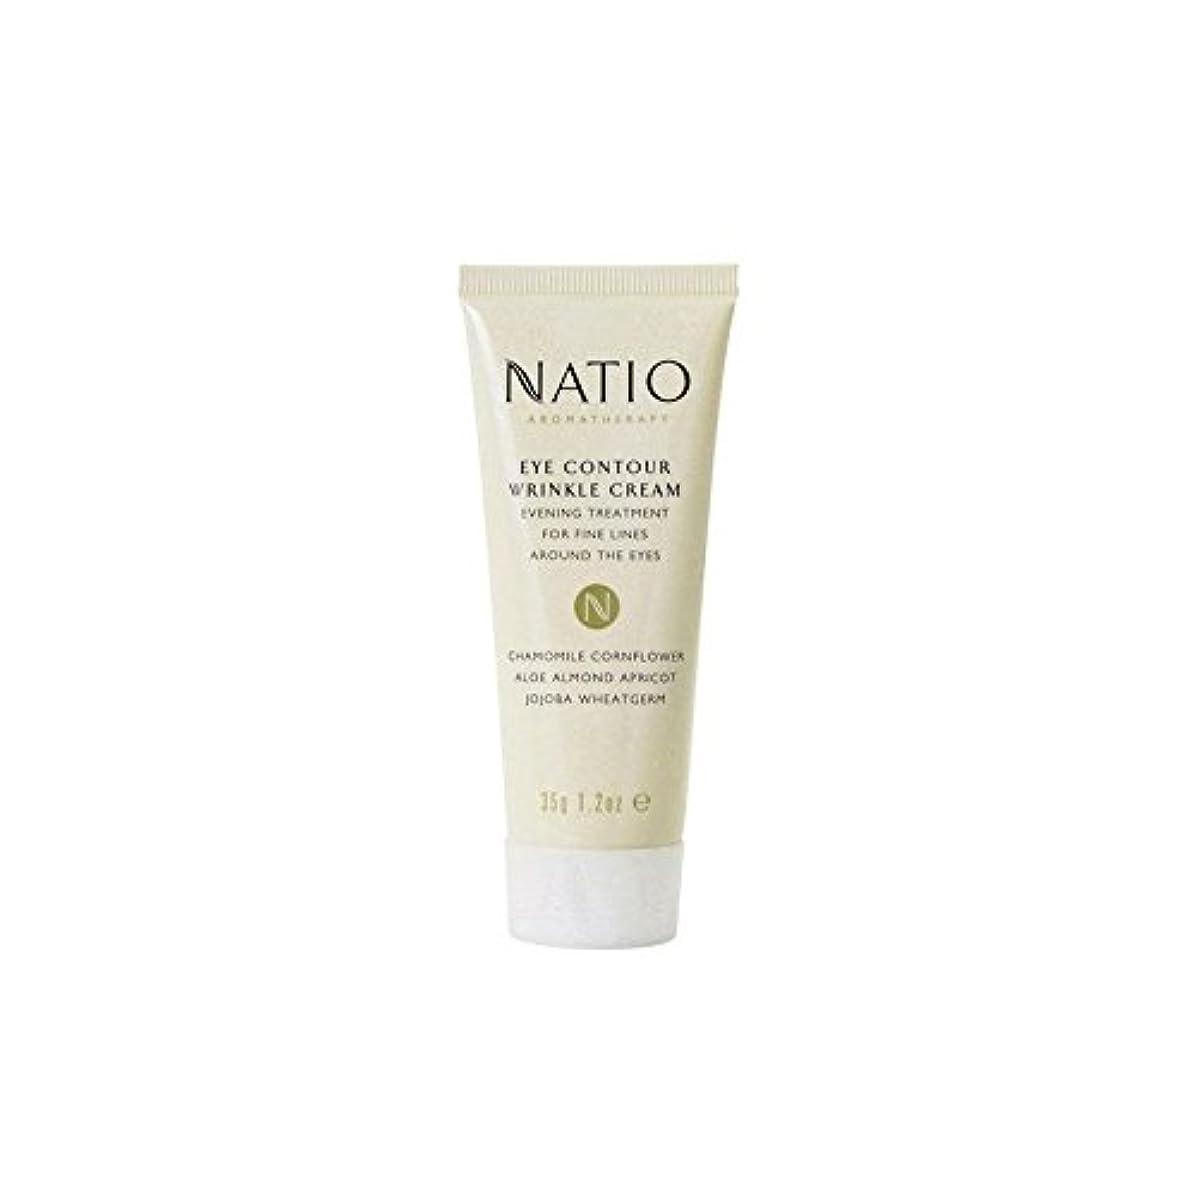 母性哺乳類活発眼輪郭しわクリーム(35グラム) x4 - Natio Eye Contour Wrinkle Cream (35G) (Pack of 4) [並行輸入品]